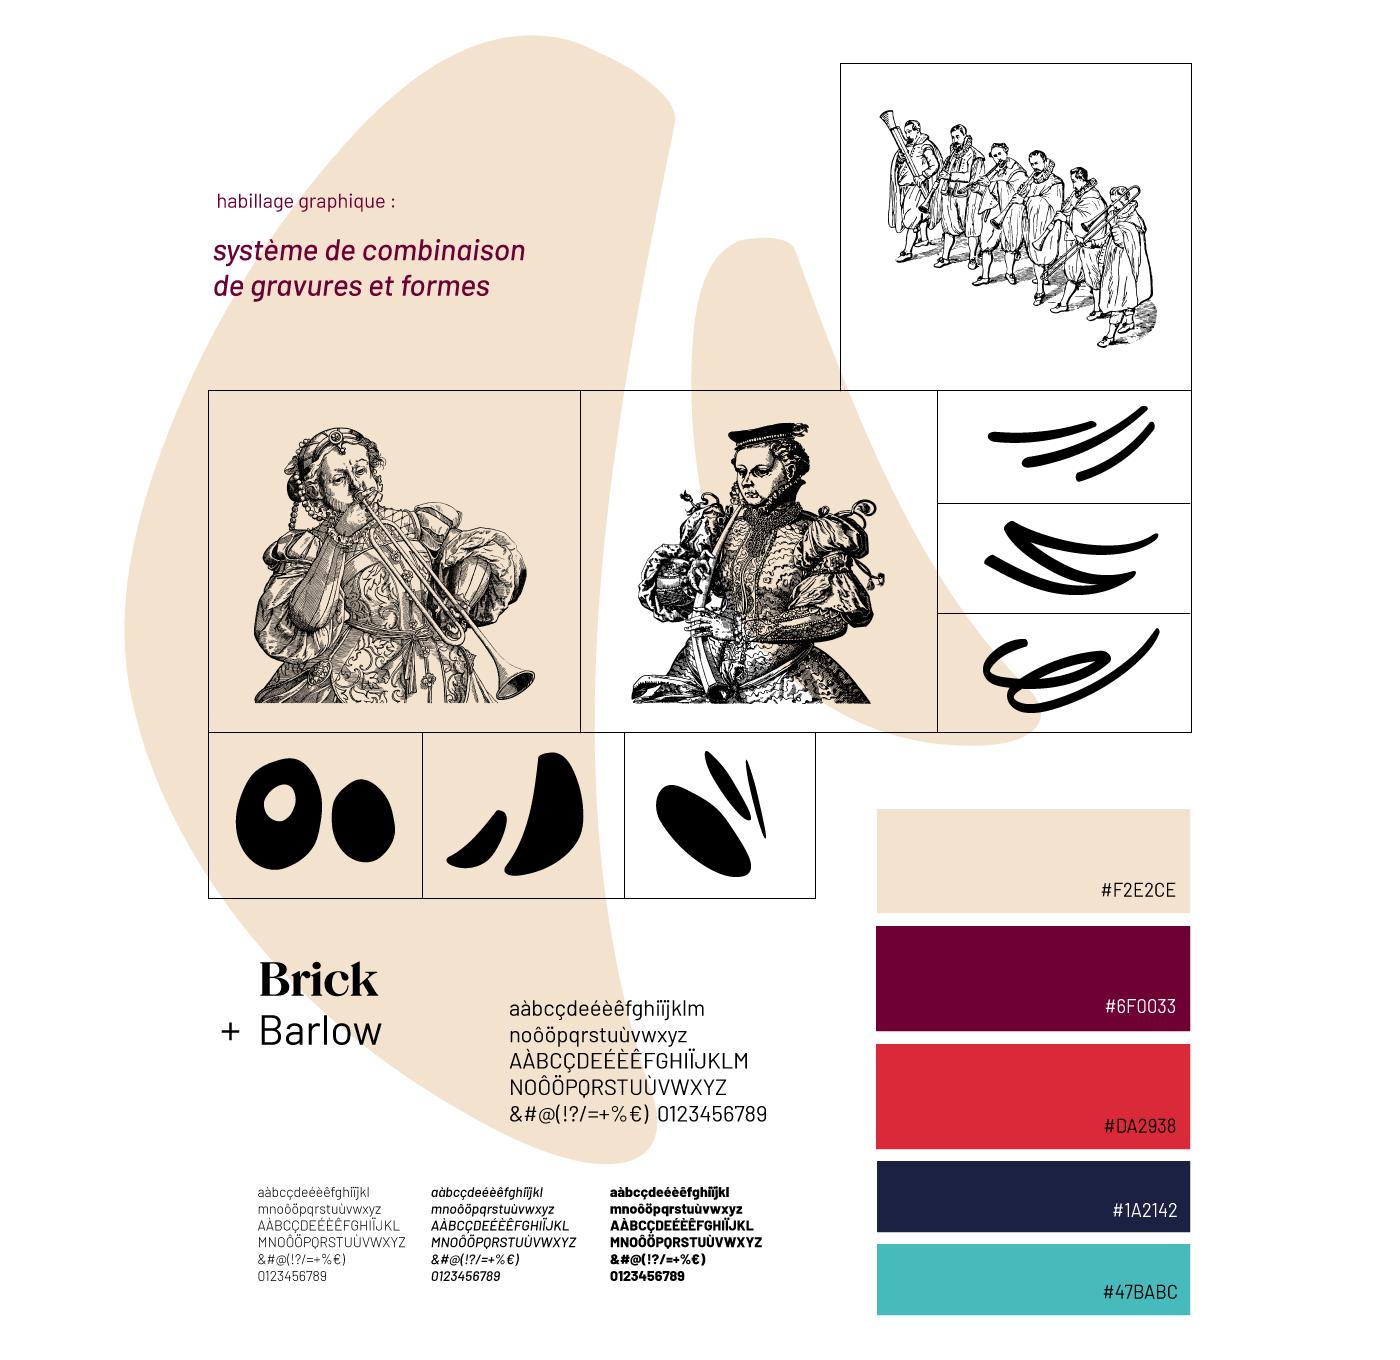 Détail de la charte graphique et de l'habillage créés pour les Sacqueboutiers par Superfruit. Sélection de 3 gravures, conception de motifs graphiques et présentation des typographies et des couleurs.